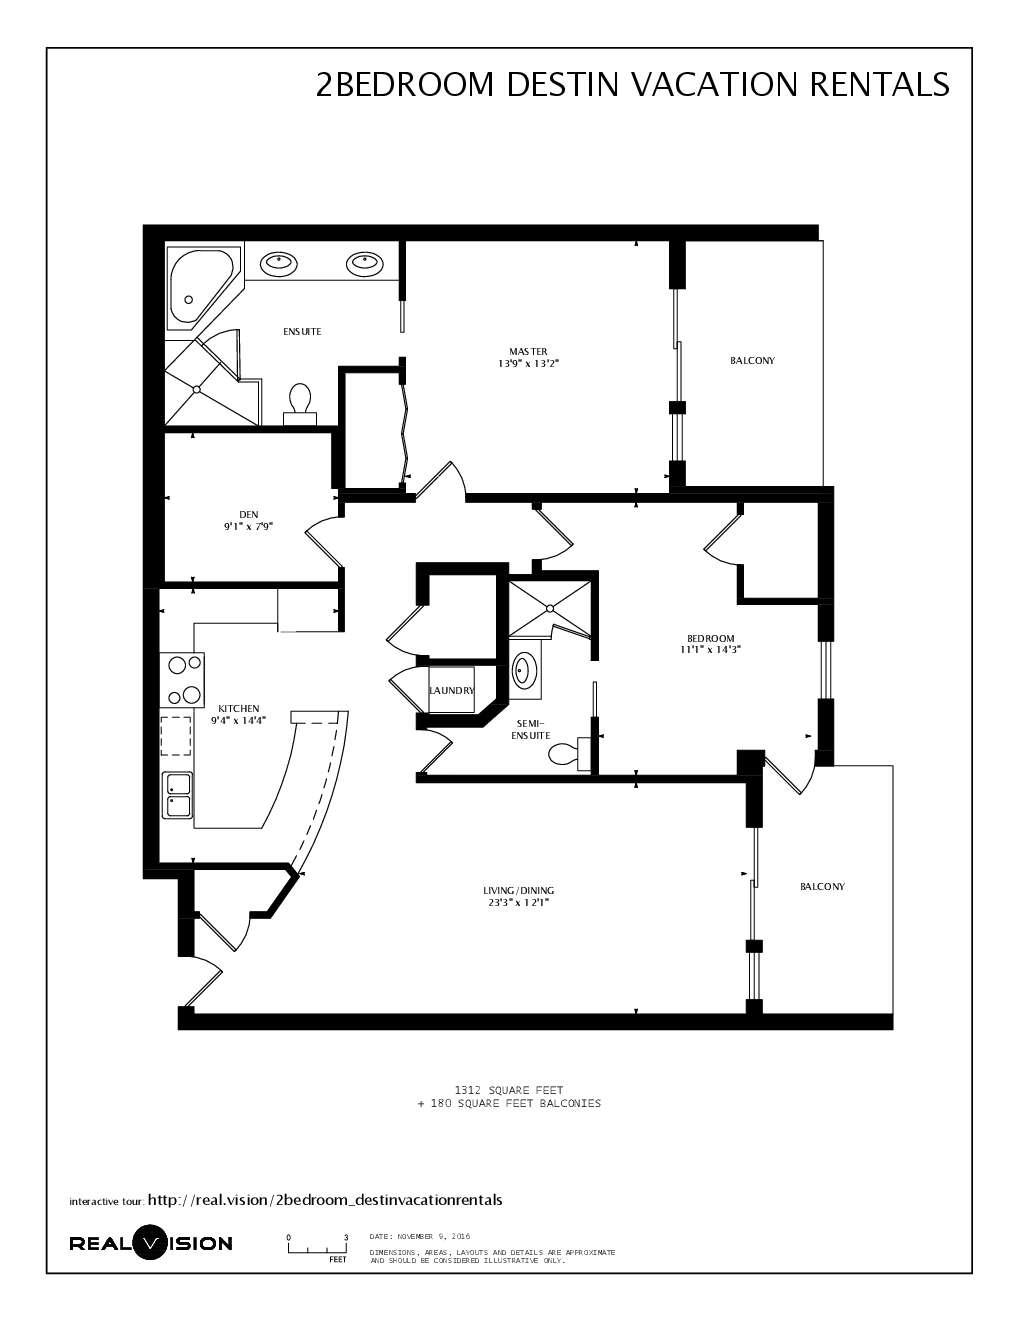 2 Bedroom Bathroom Interactive Tour Photo Gallery Floor Plan